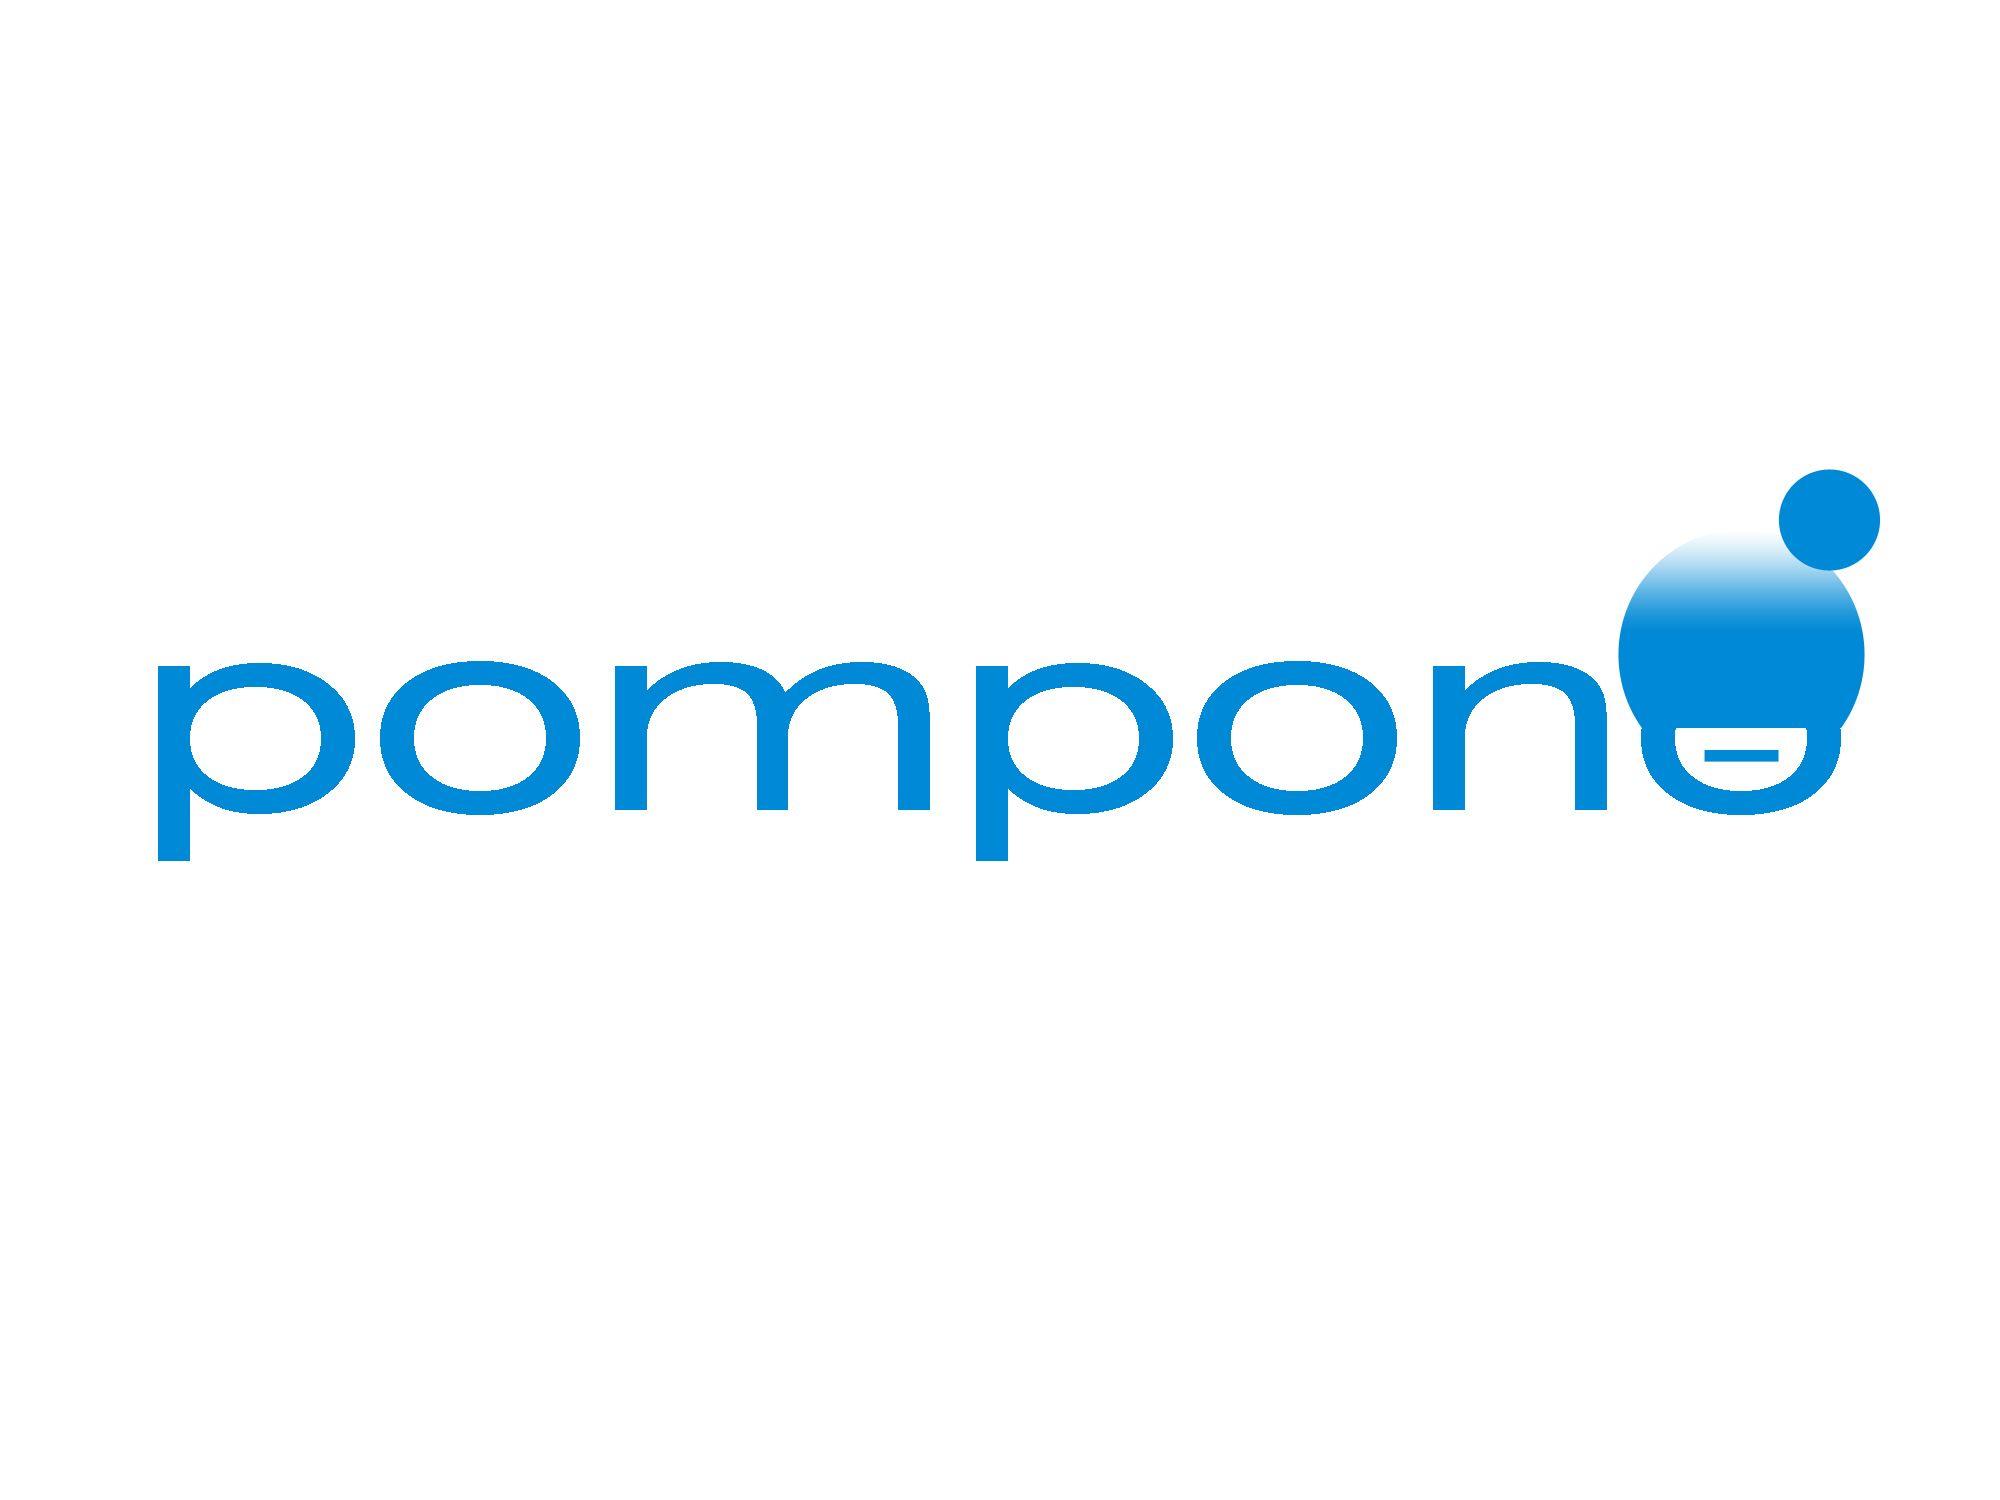 Логотип для шапок Pompono - дизайнер mor2024